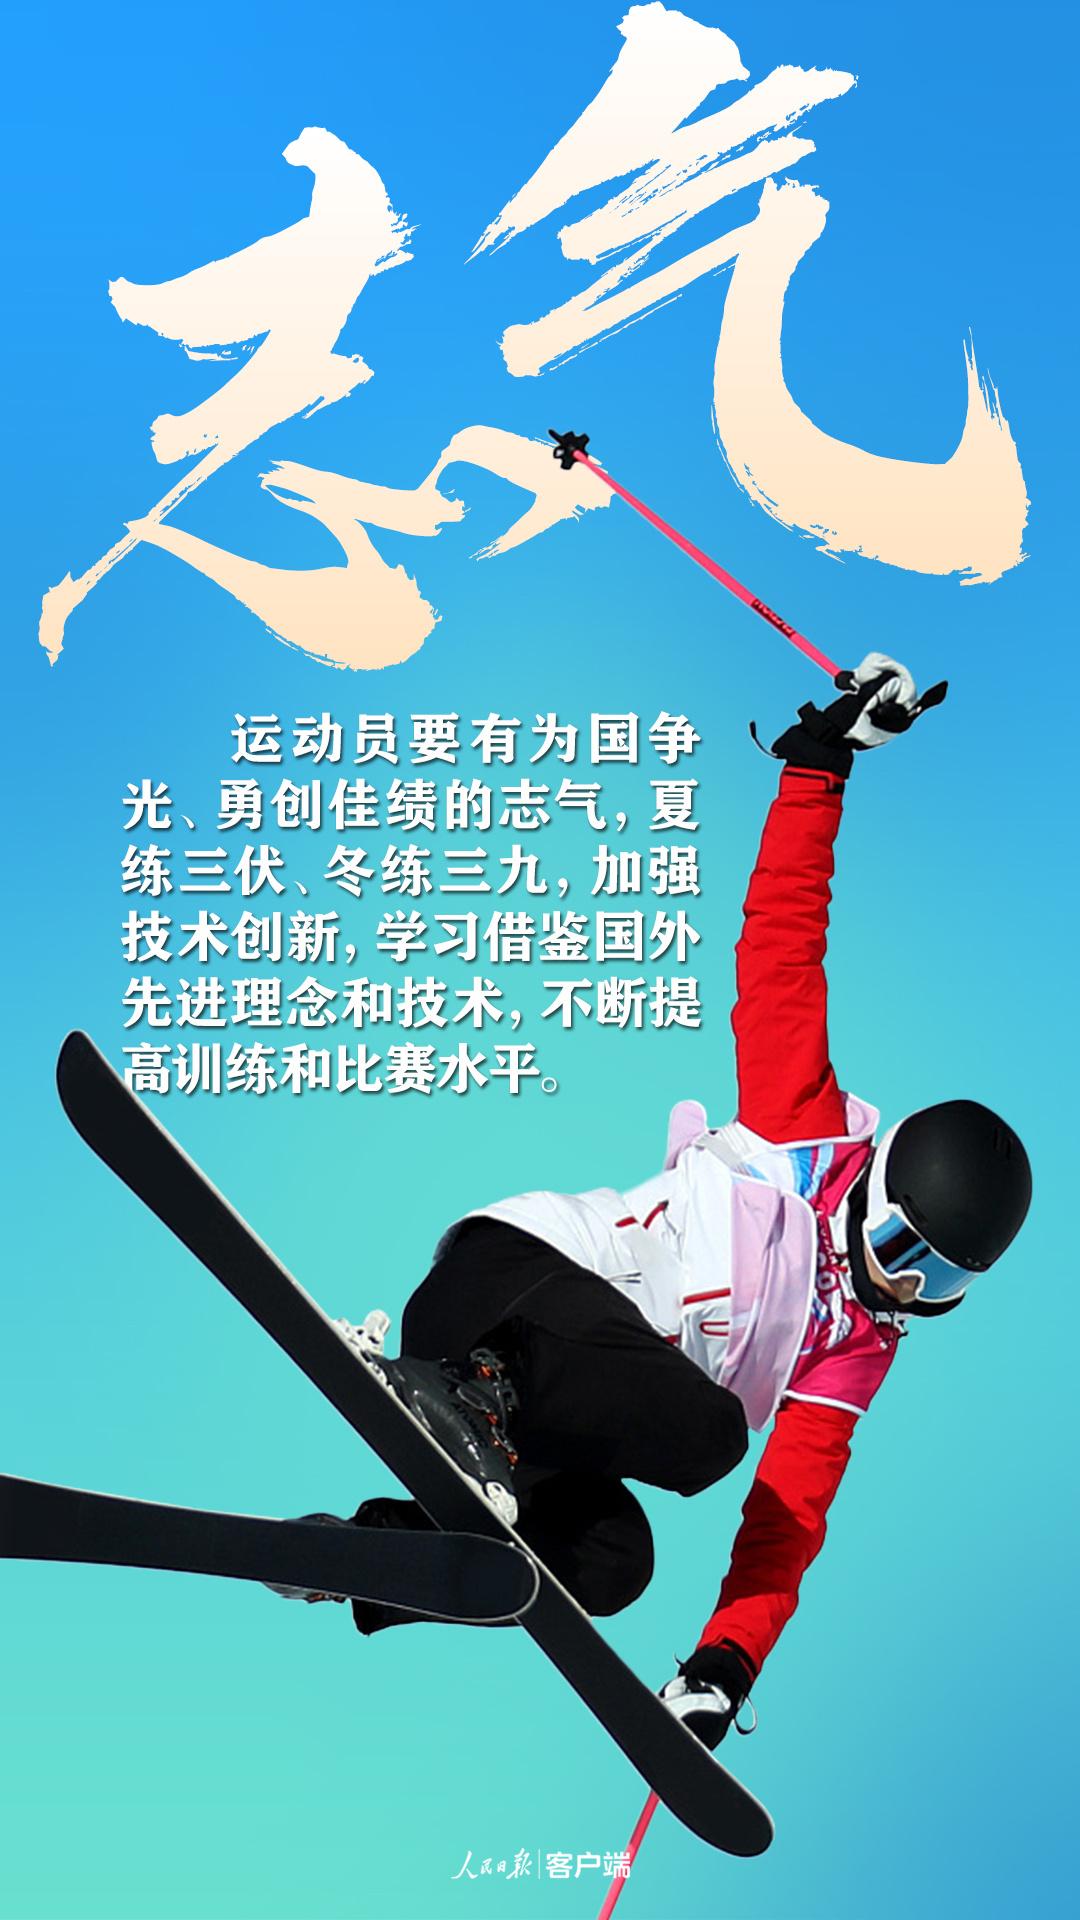 习近平心中的奥林匹克精神7.jpeg